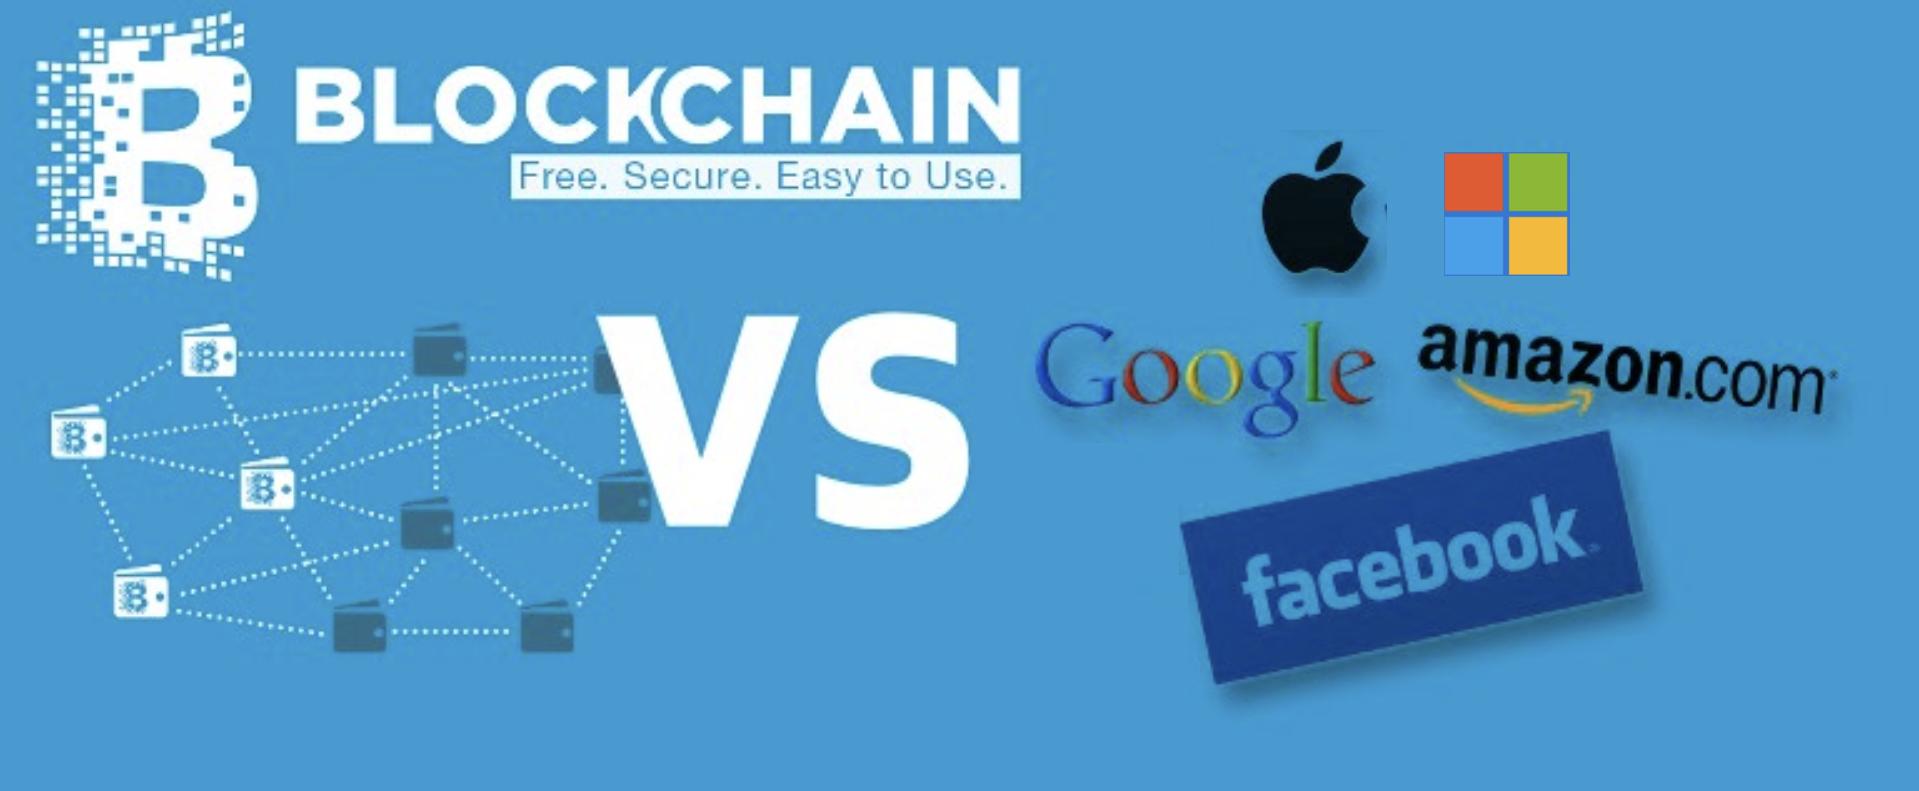 Không phải ngân hàng hay Internet, đây mới là đối thủ thực sự của cryptocurrency